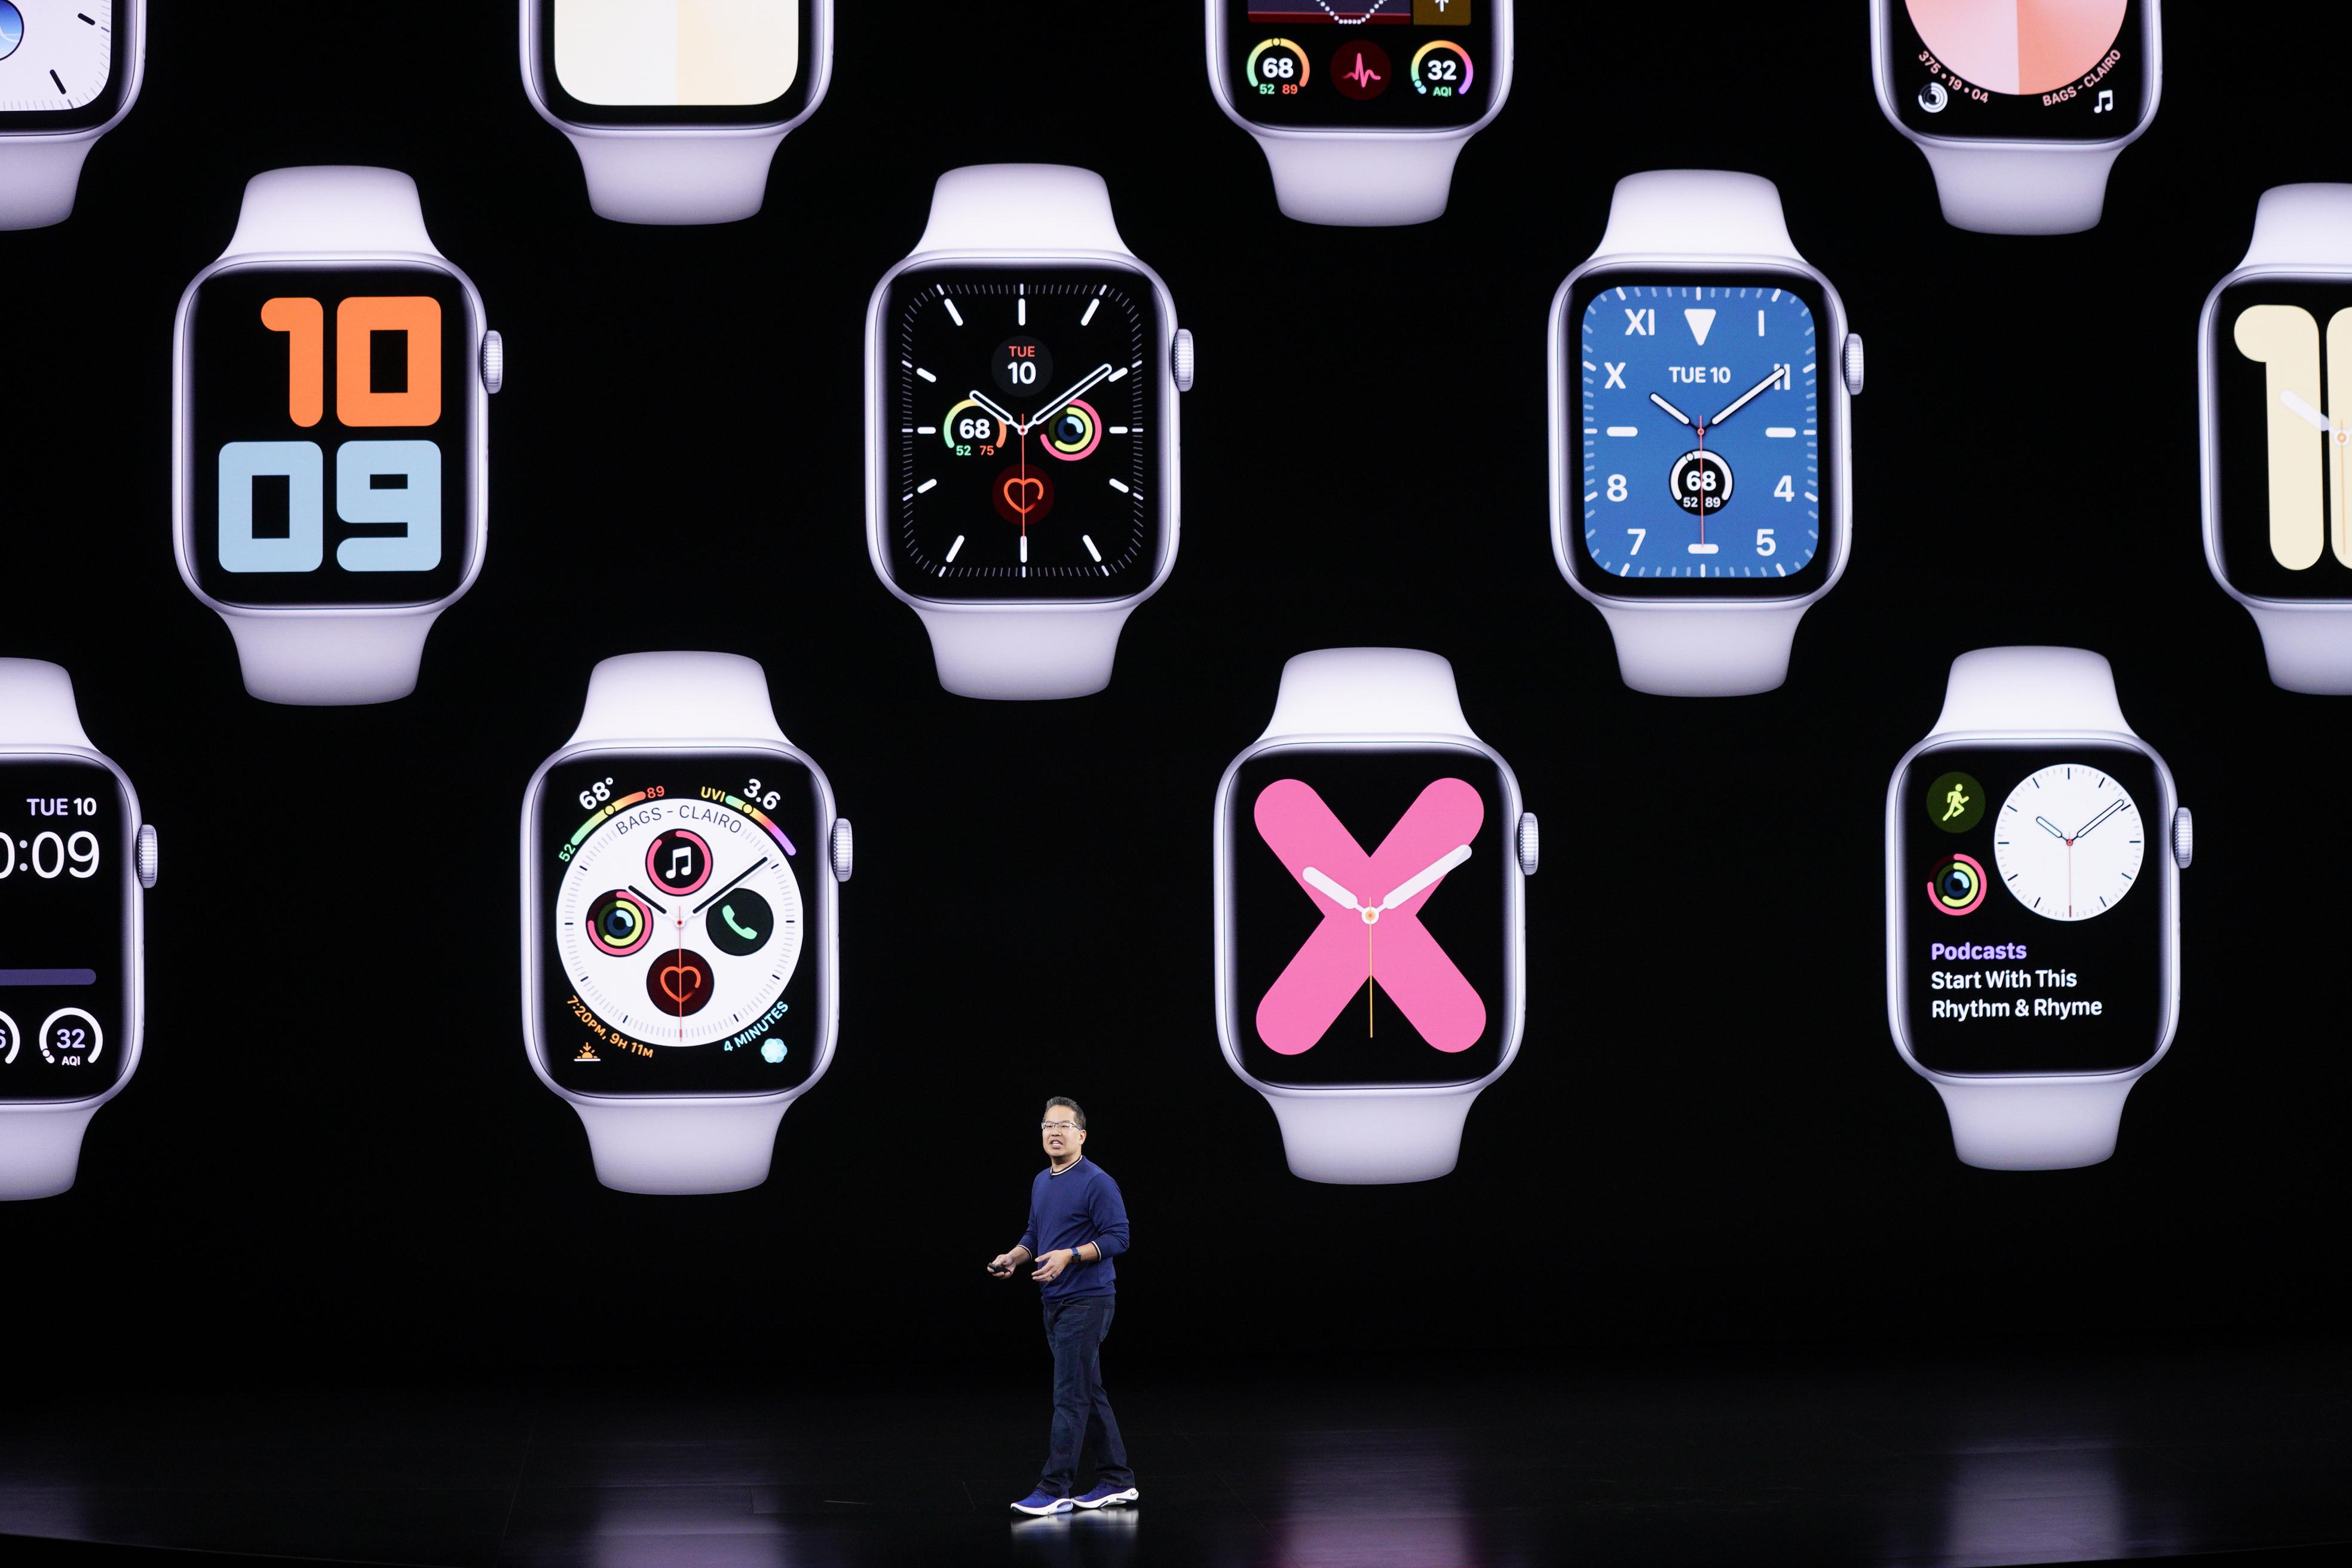 Toda la información y últimas noticias sobre los productos de Apple: iphones, ipads, airpods, apple watch, etc.